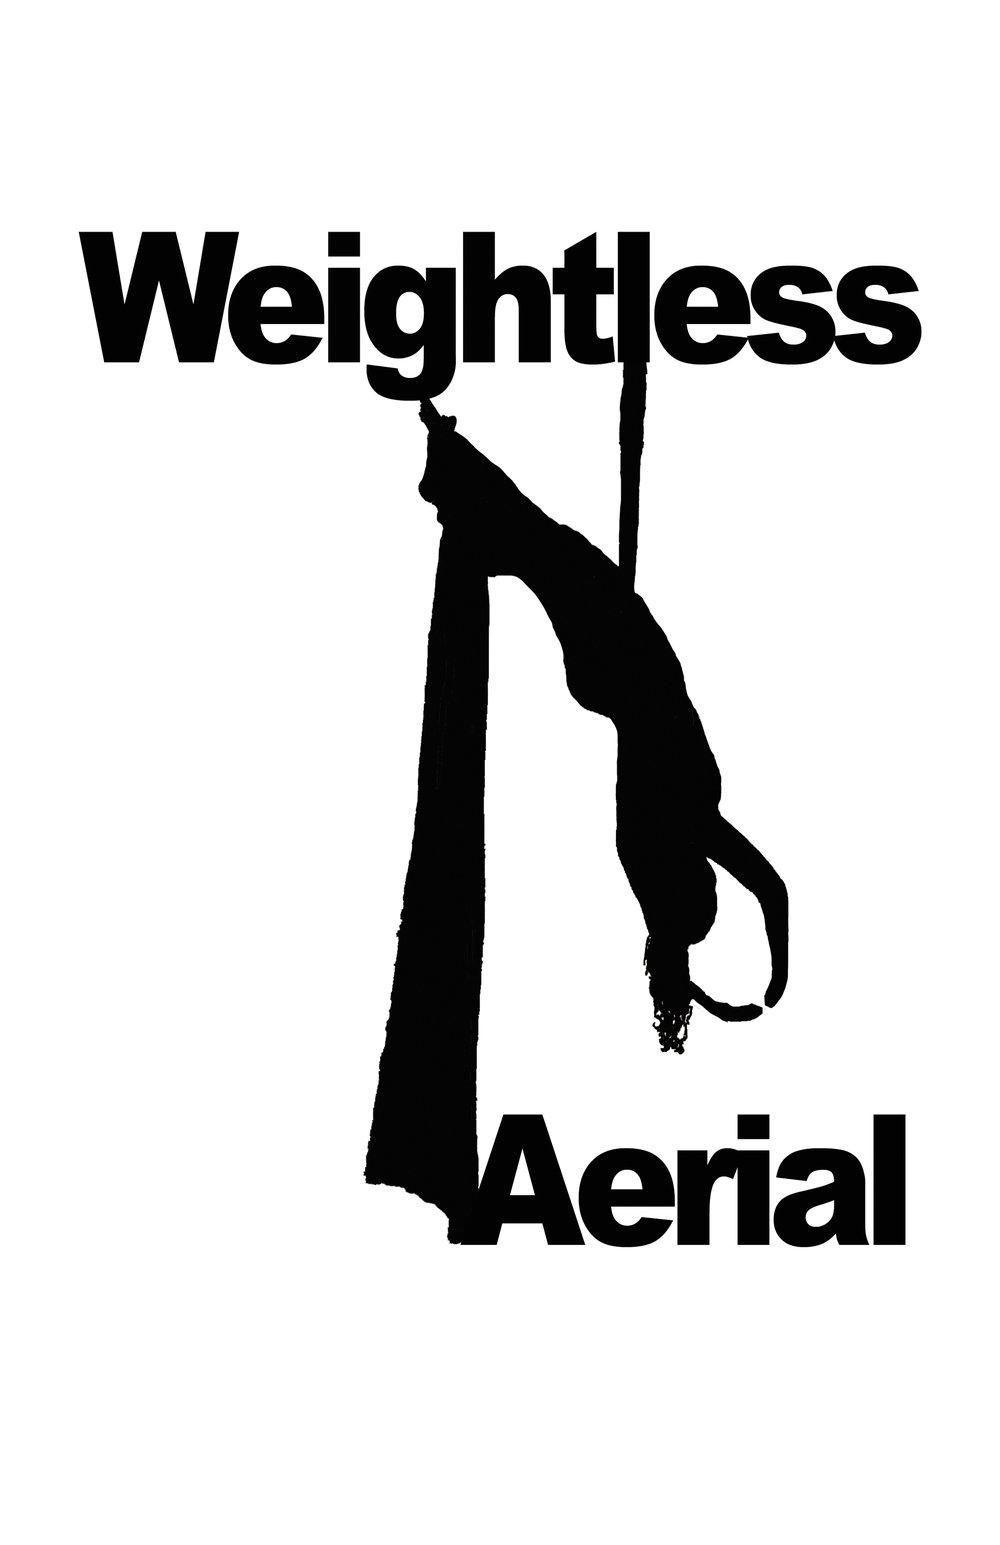 Weightless Aerial.jpg